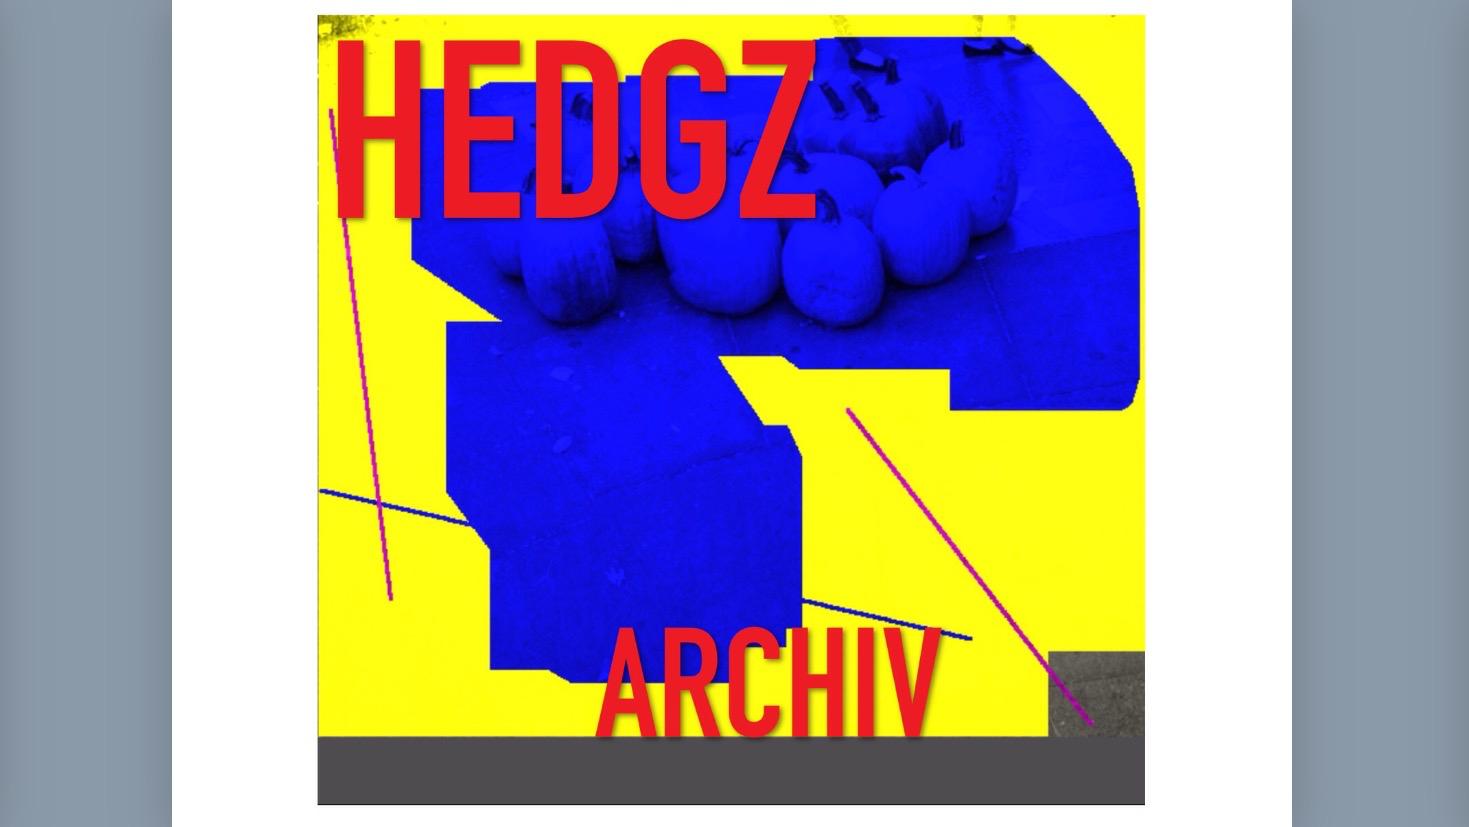 ARCHIV-label.jpg